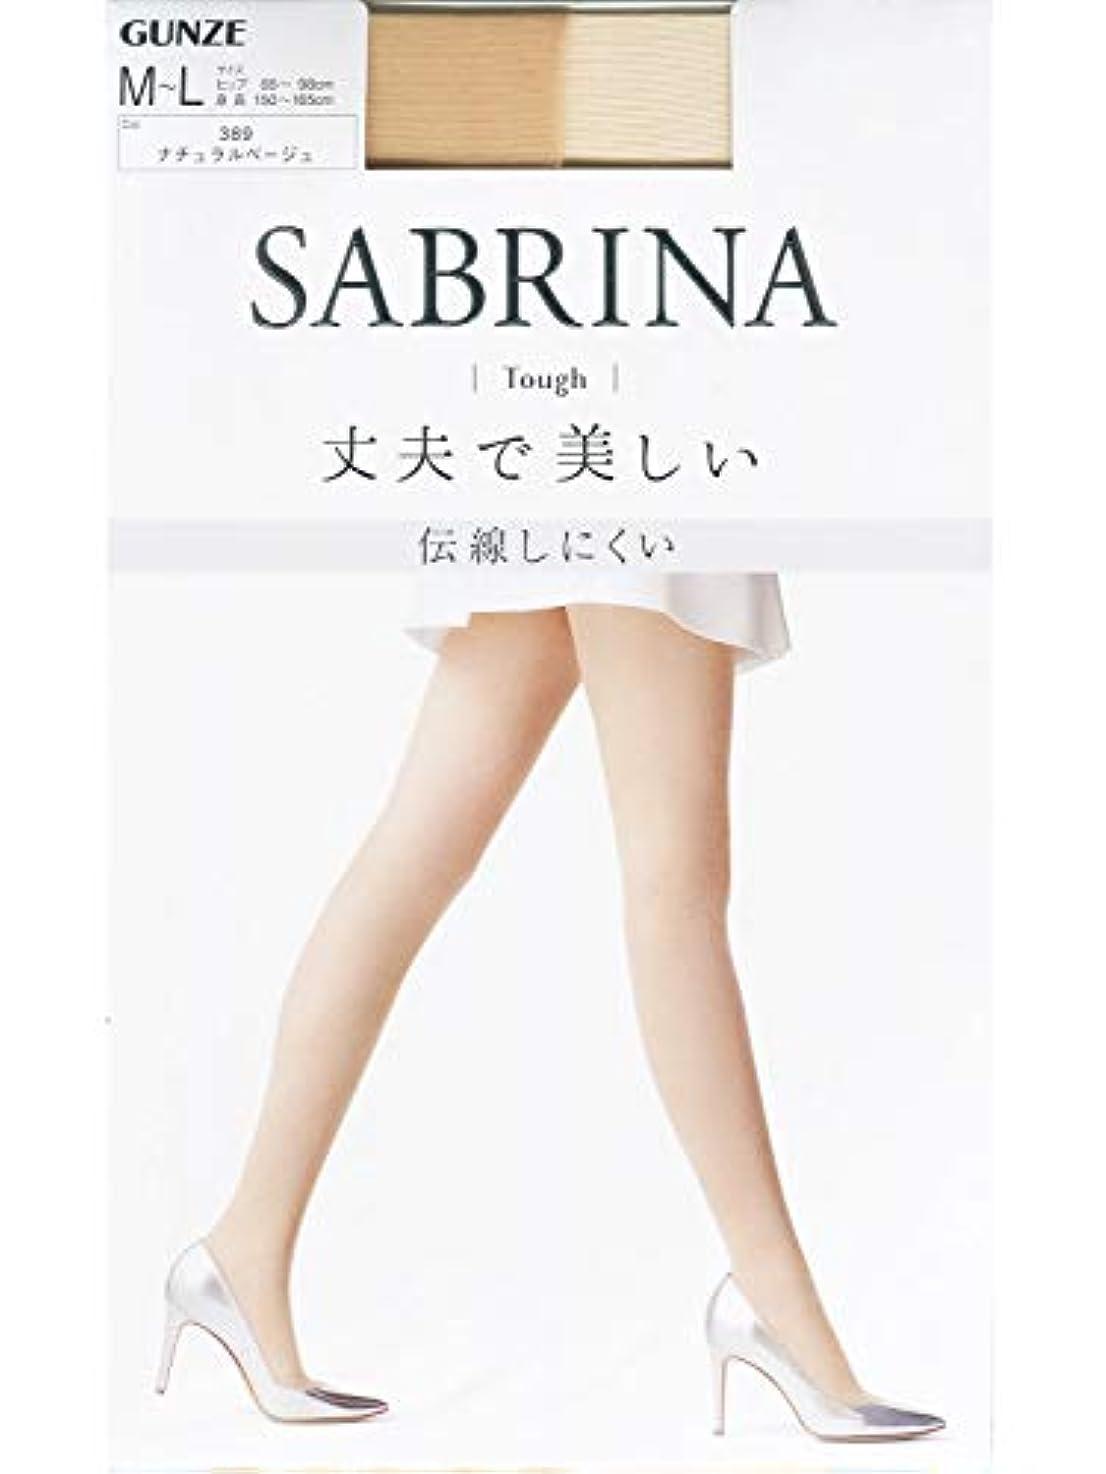 追う敬意道徳SABRINA(サブリナ)タフ(ナチュラルベージュ)サイズM-L